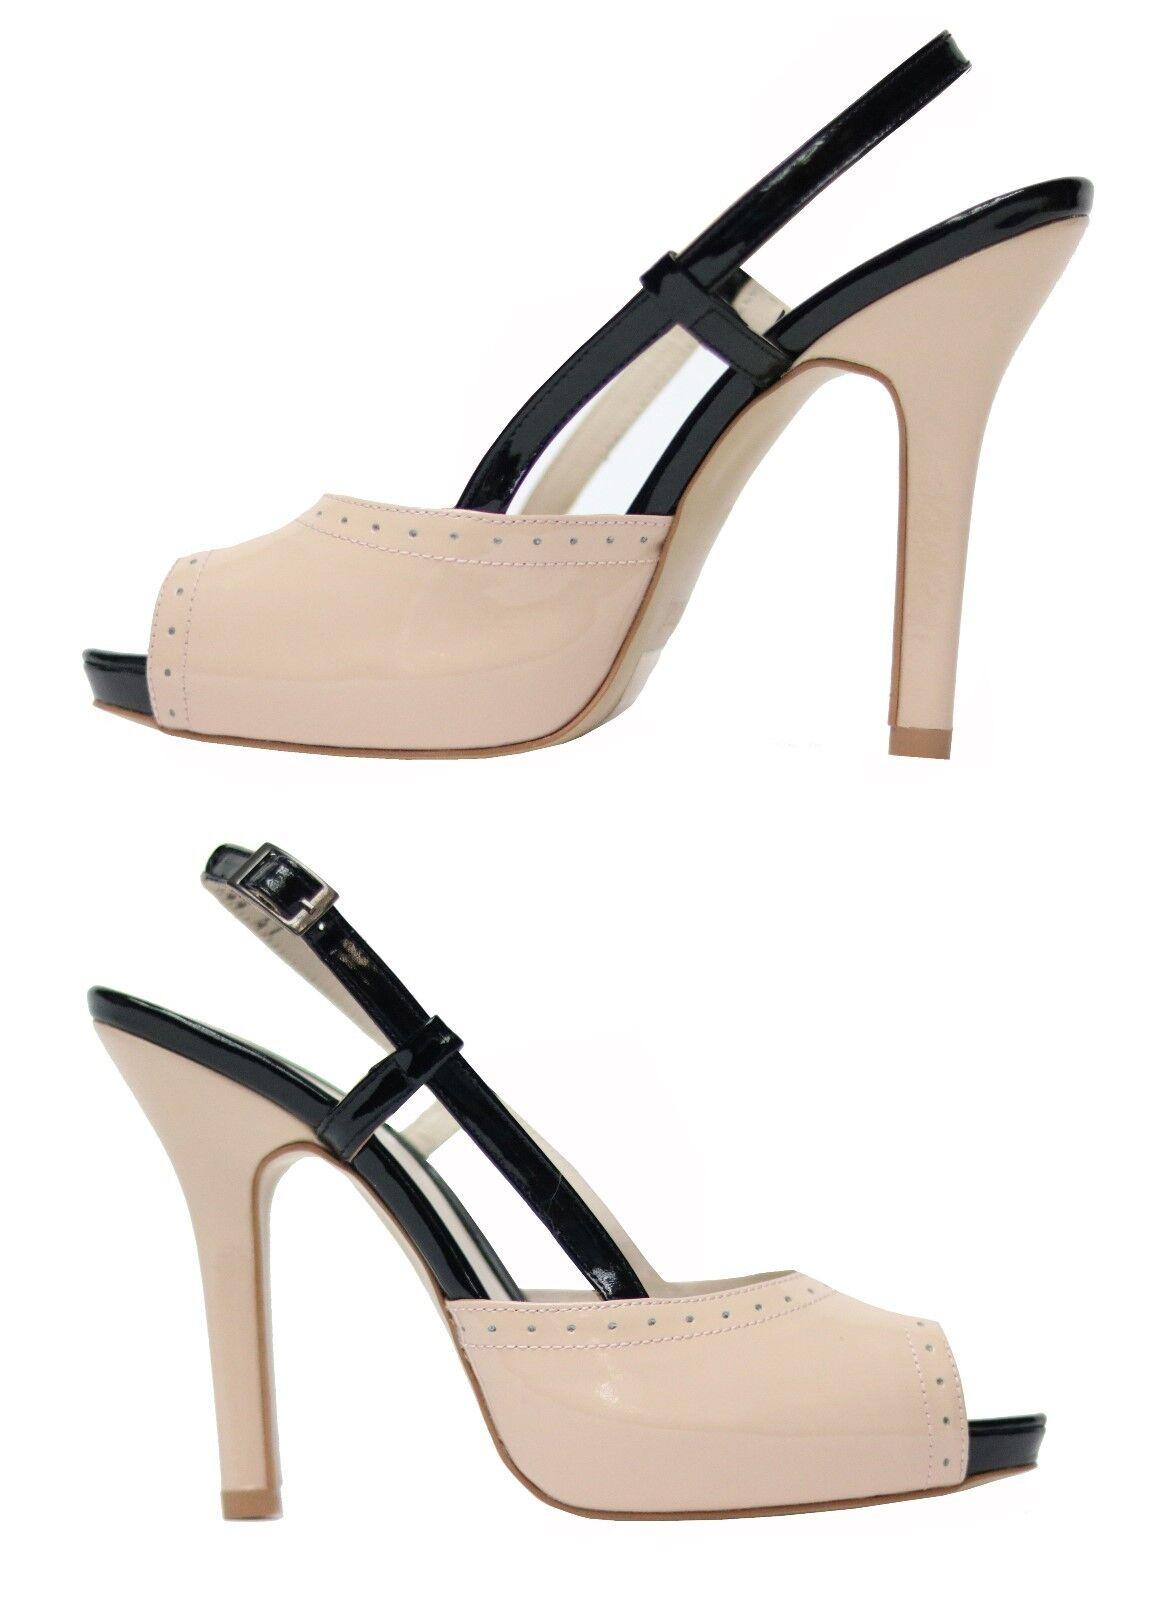 Muga Damen Schuhe Pumps Gr.37 Beige